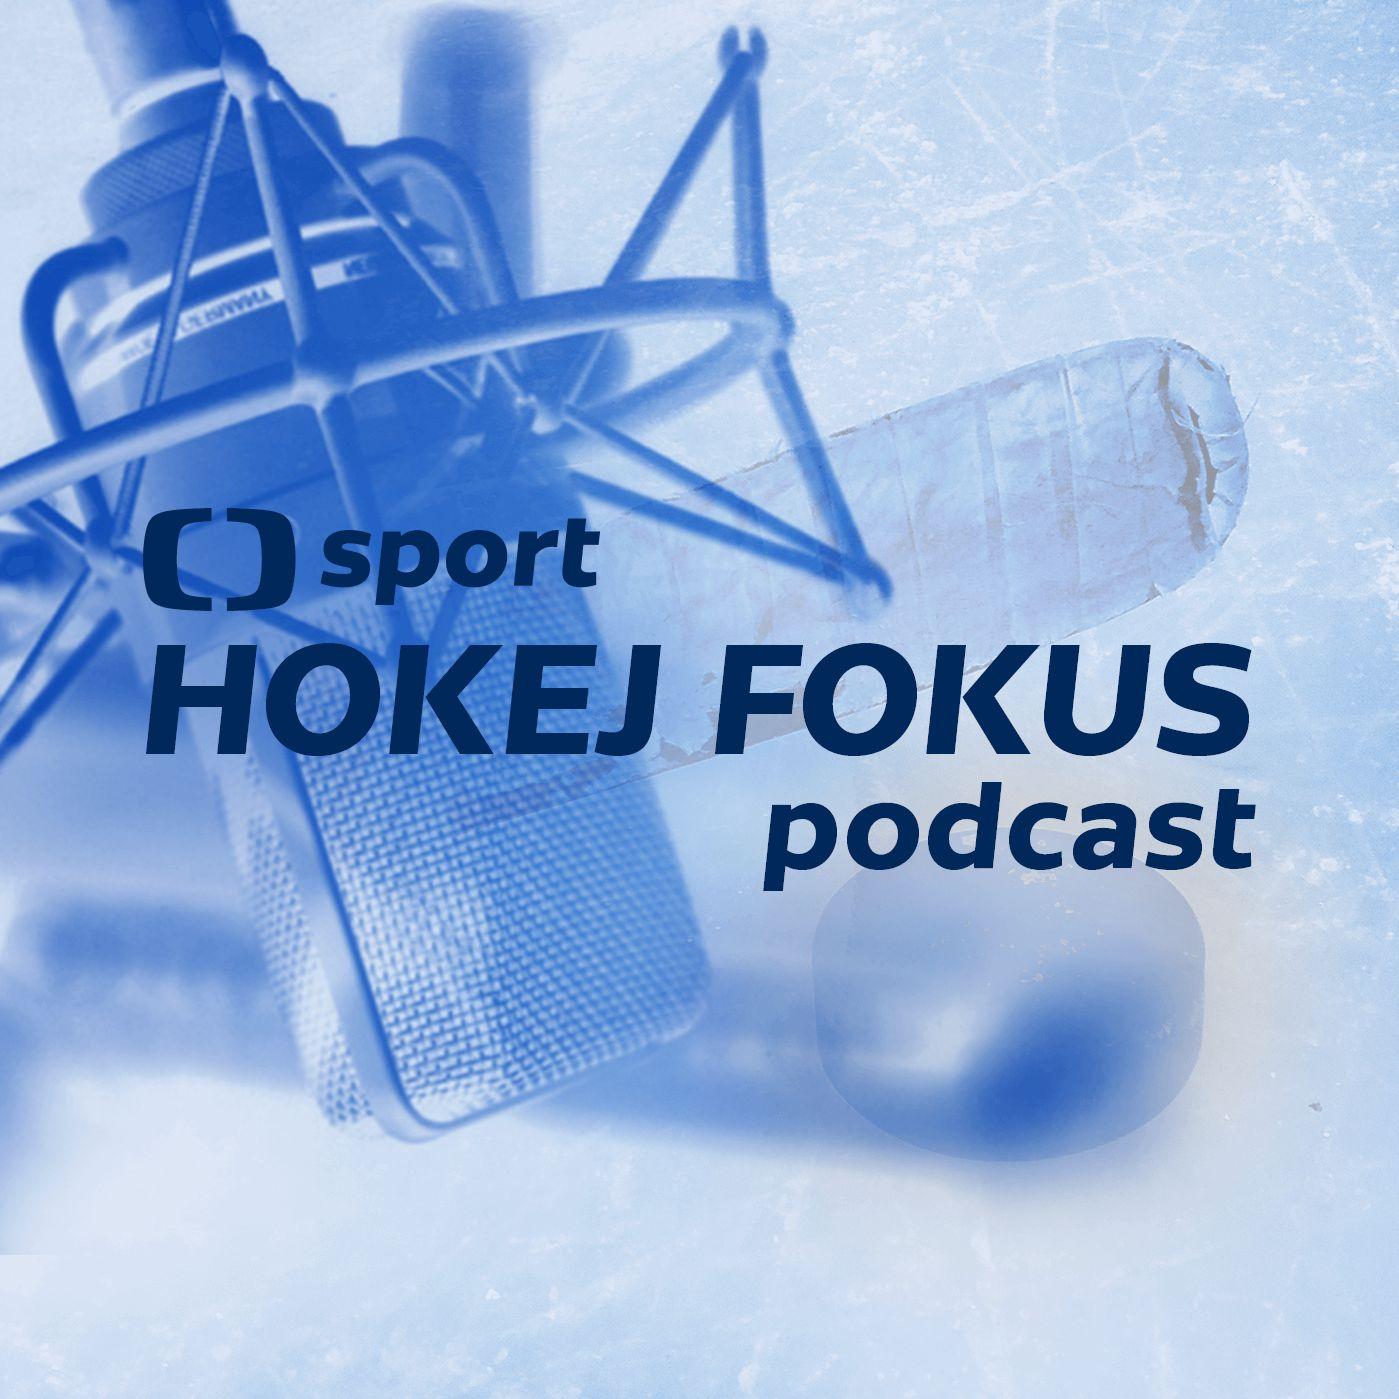 Hokej fokus podcast: Proč Jágr a Pastrňák pořád nemají novou smlouvu v NHL?